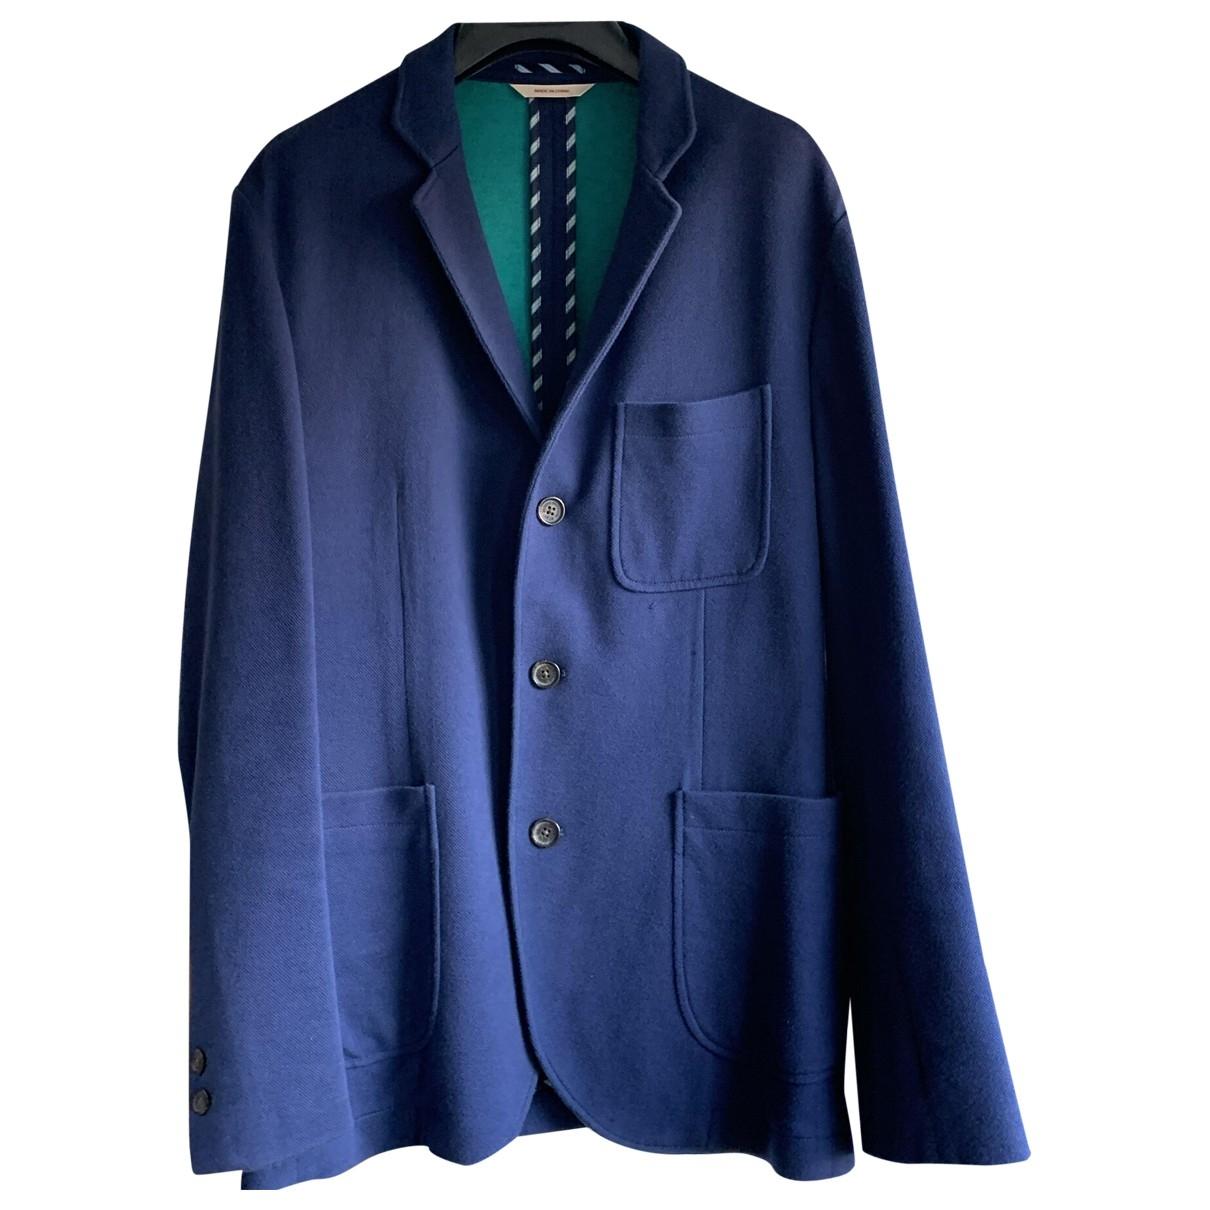 Brooks Brothers - Vestes.Blousons   pour homme en coton - bleu